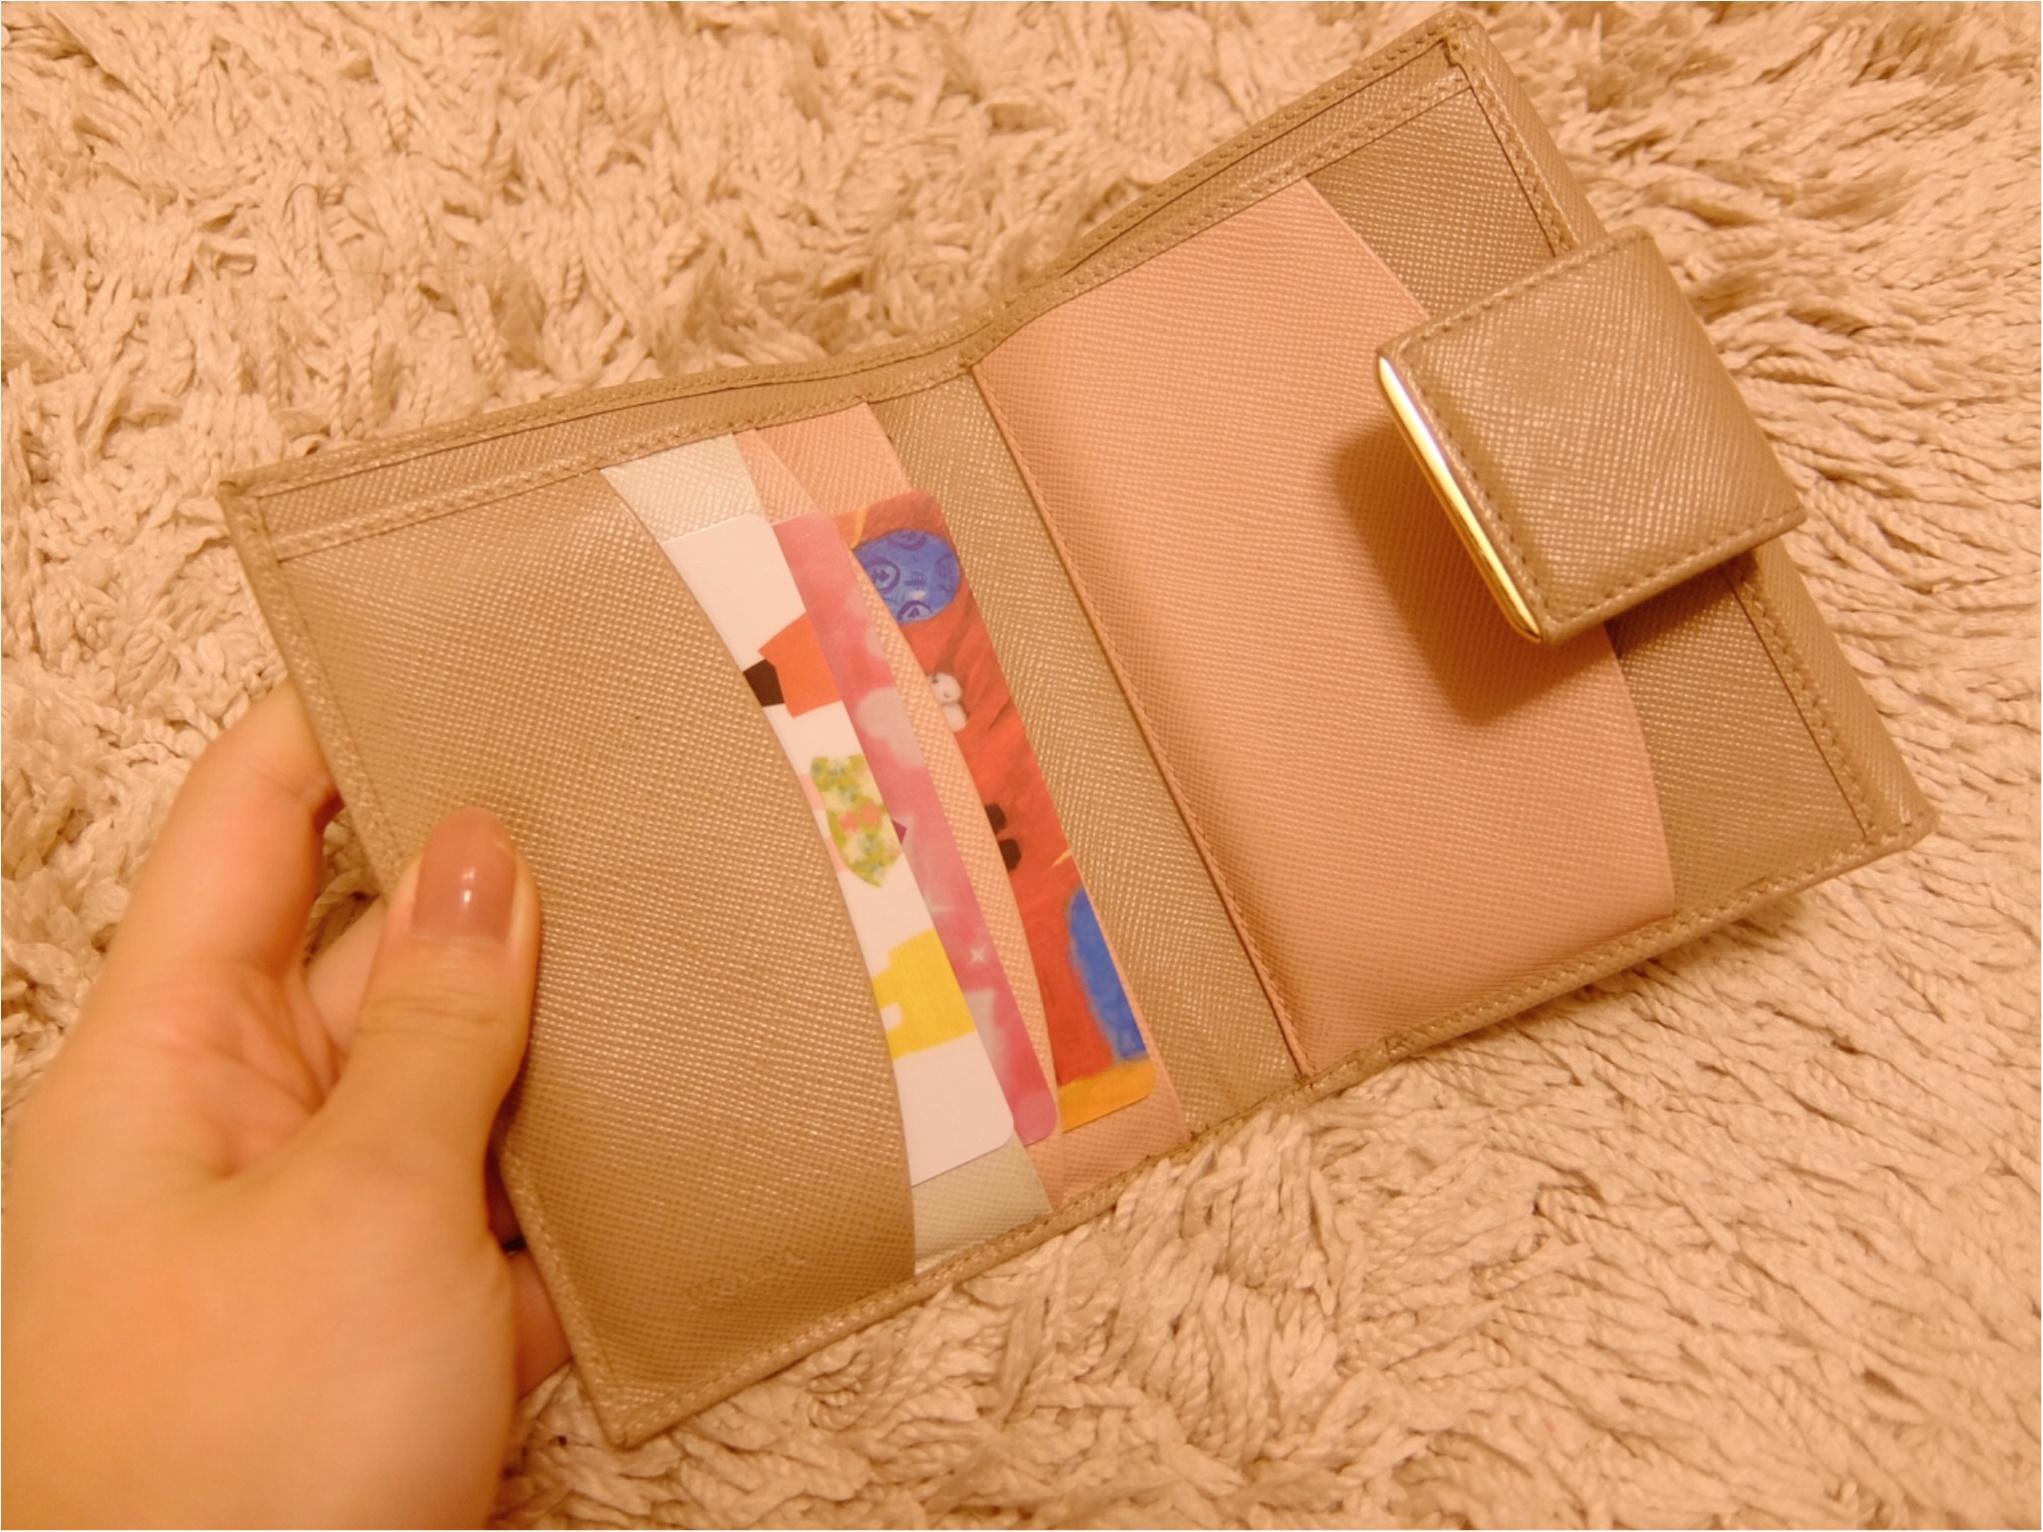 愛用財布は【PRADA】♡二つ折り派さん必見の≪カード収納術≫も紹介!_4